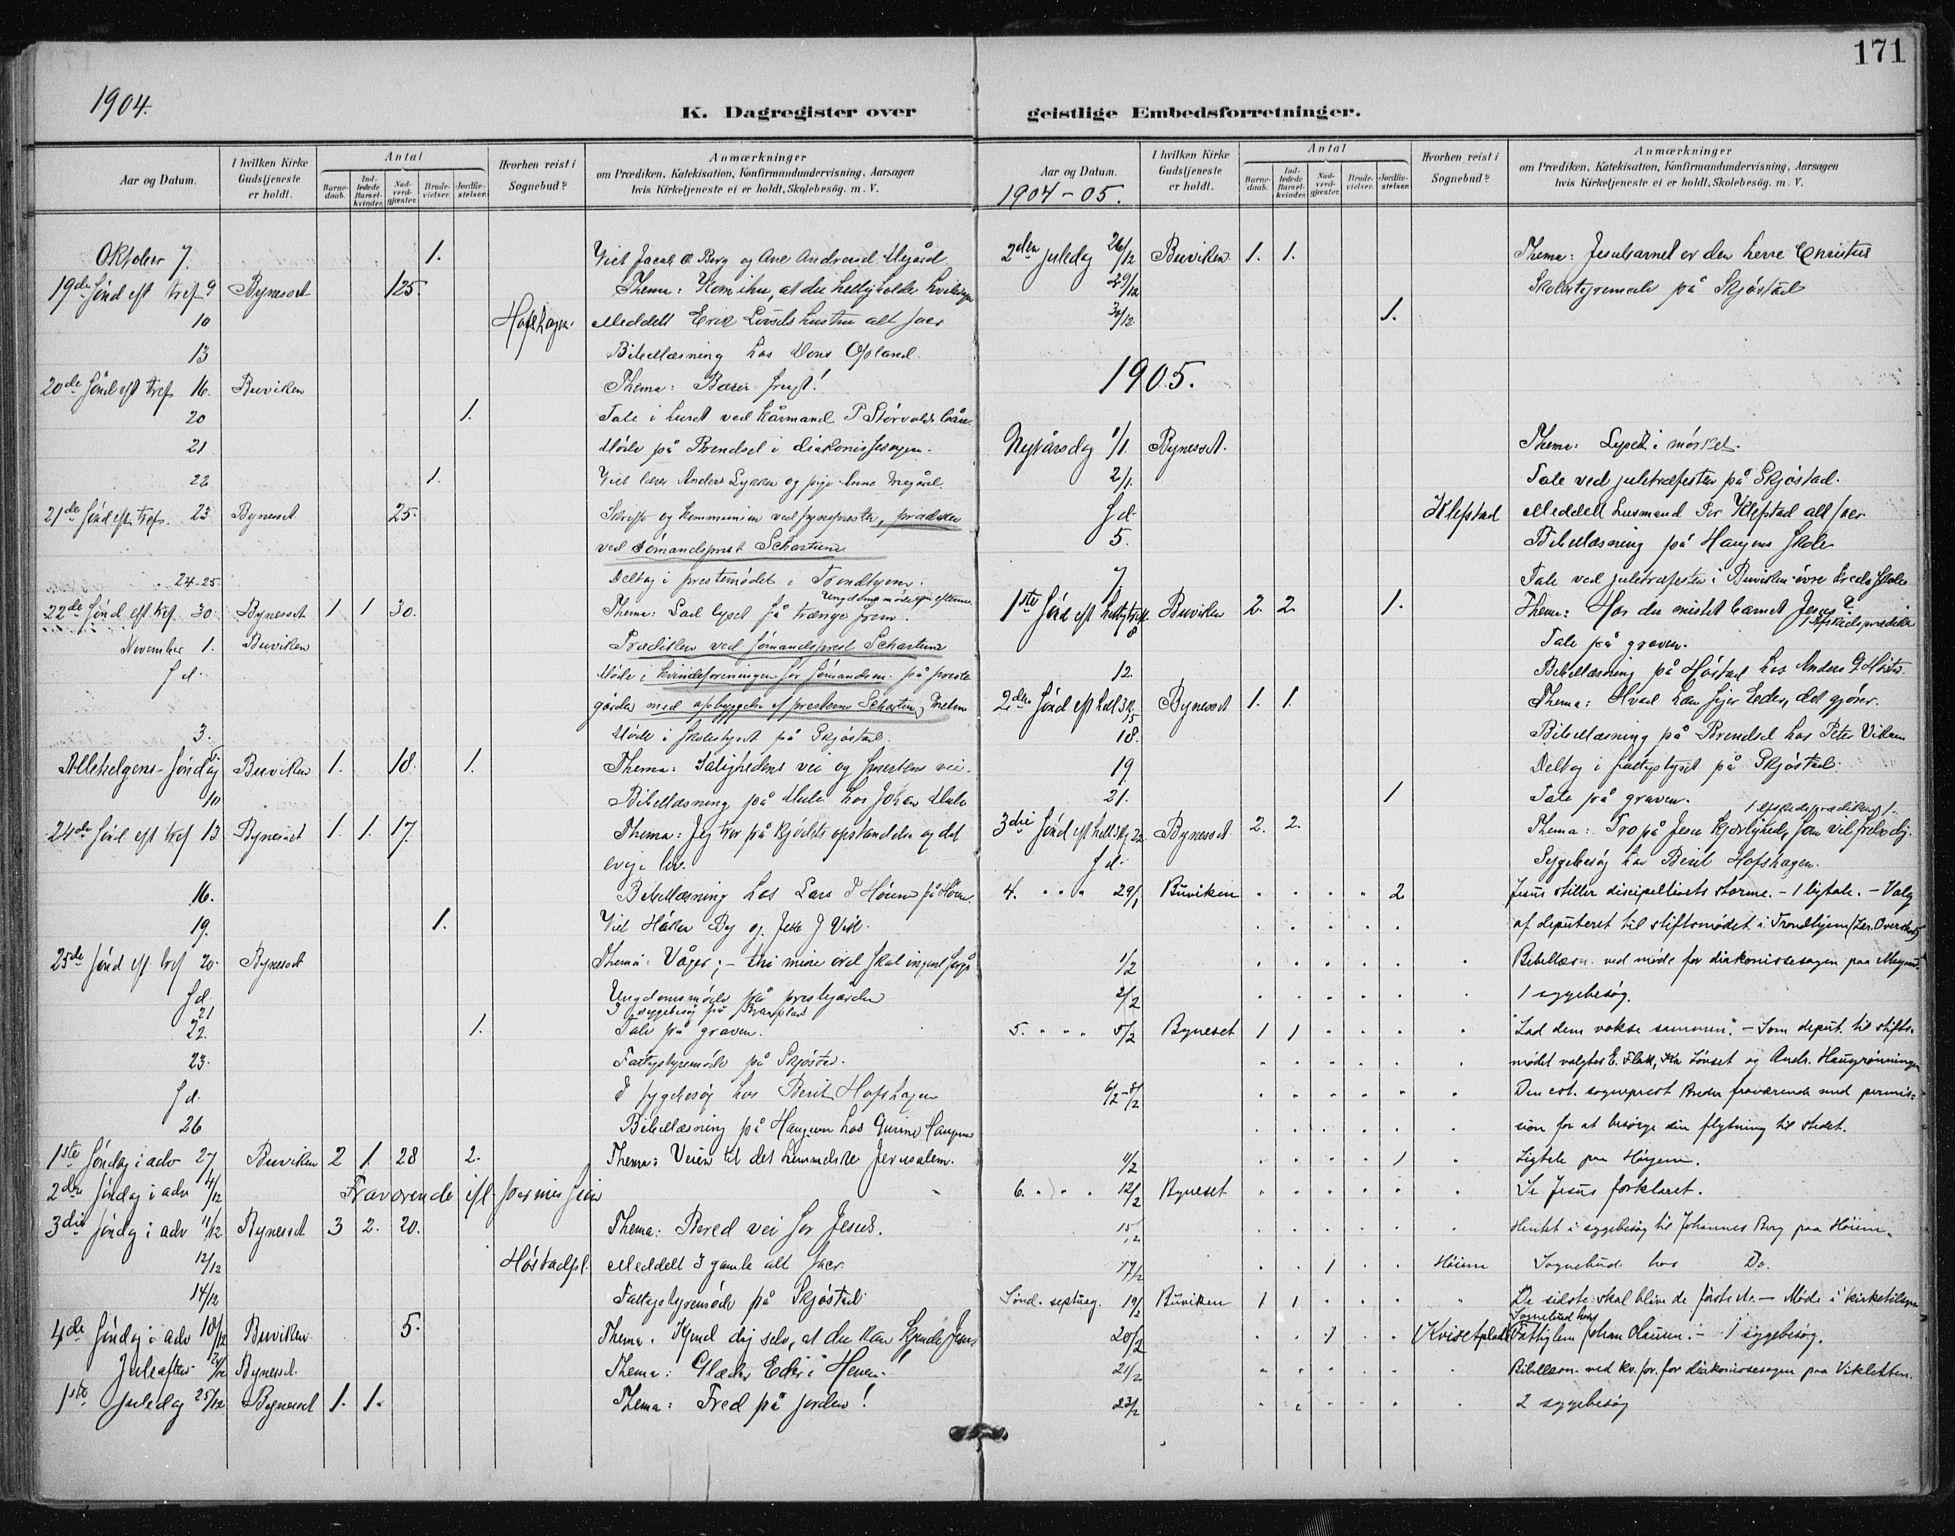 SAT, Ministerialprotokoller, klokkerbøker og fødselsregistre - Sør-Trøndelag, 612/L0380: Ministerialbok nr. 612A12, 1898-1907, s. 171